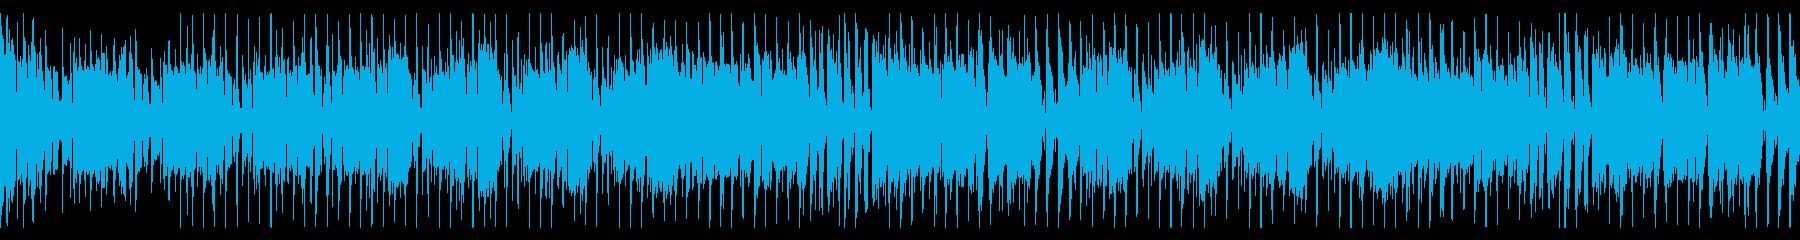 元気なブラスのディスコファンク/ゆっくりの再生済みの波形